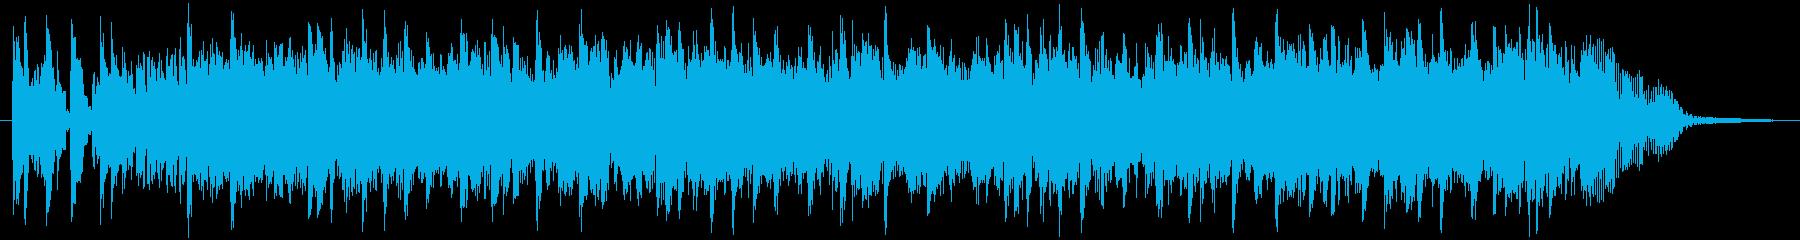 スピード感溢れるファンク&シンセの再生済みの波形